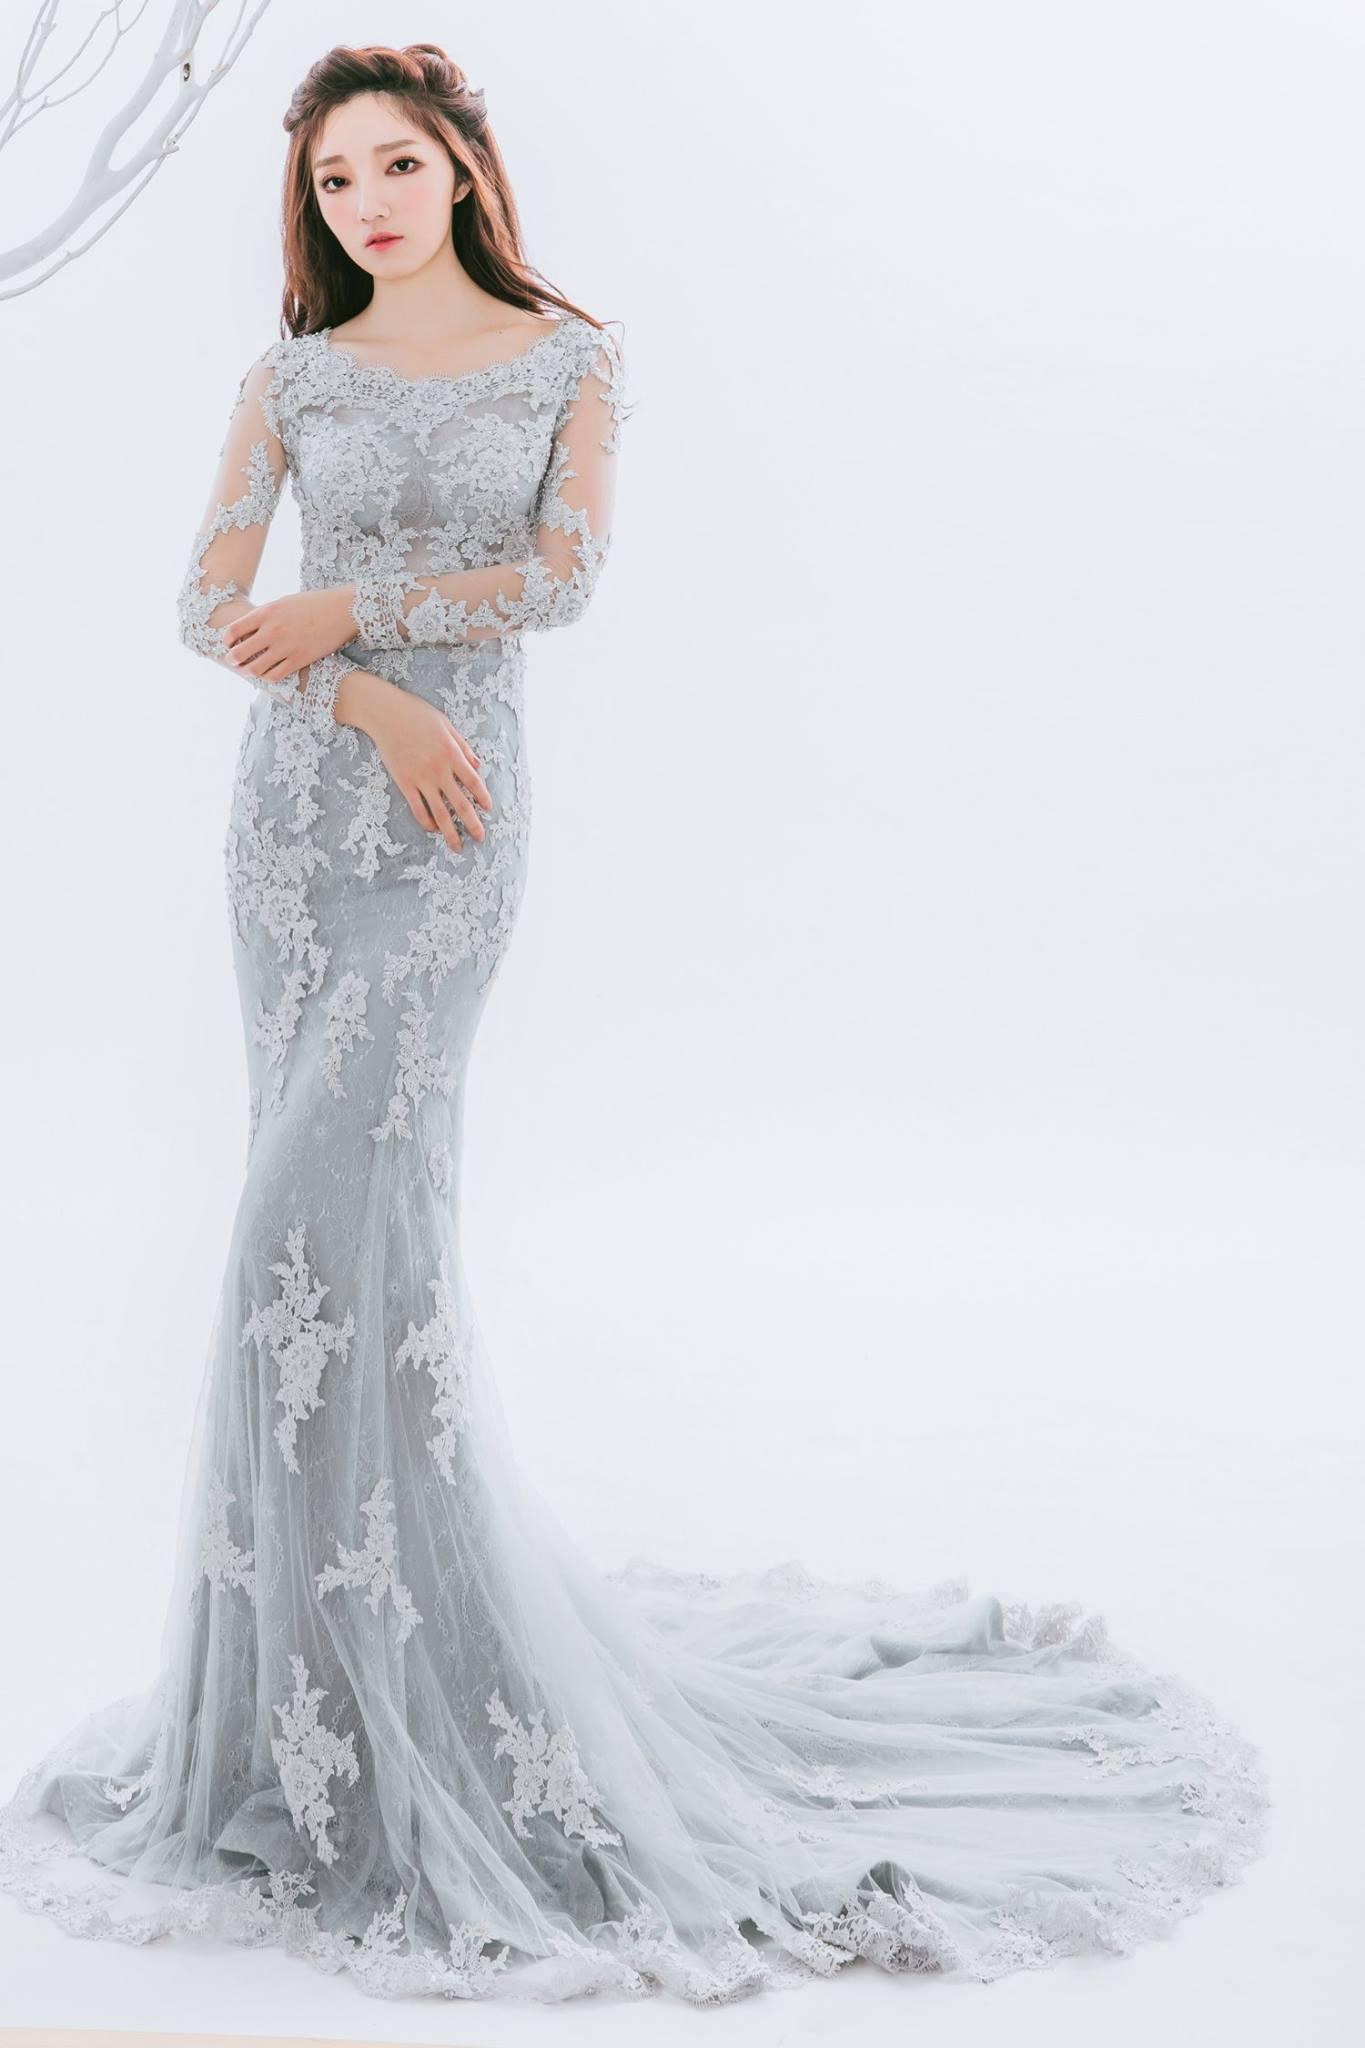 禮服, 租禮服, 婚紗攝影, 租婚紗, 台北婚紗